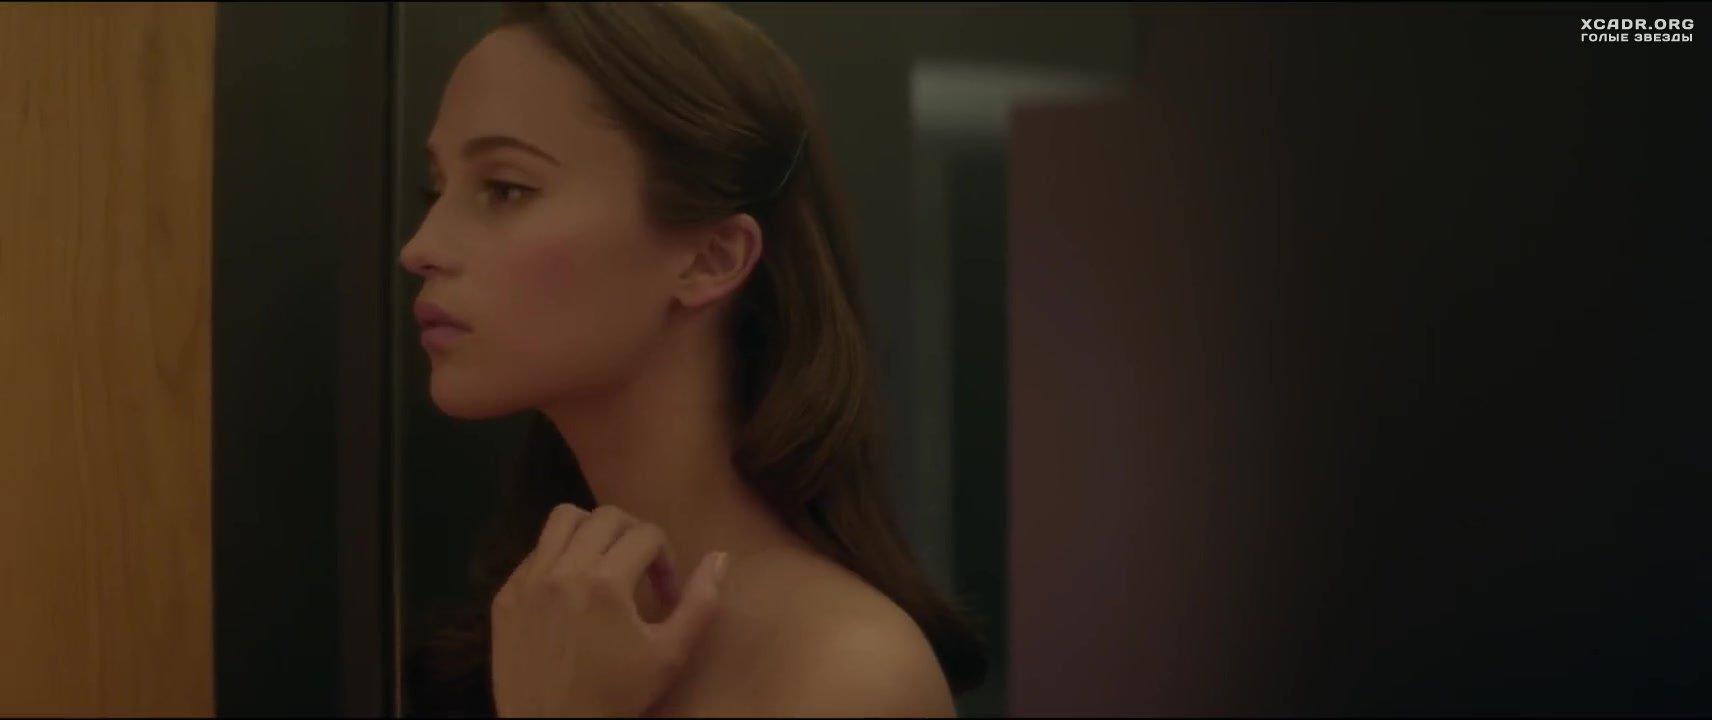 Голая маленькая грудь в фильмах 51 видео  XCADRCOM